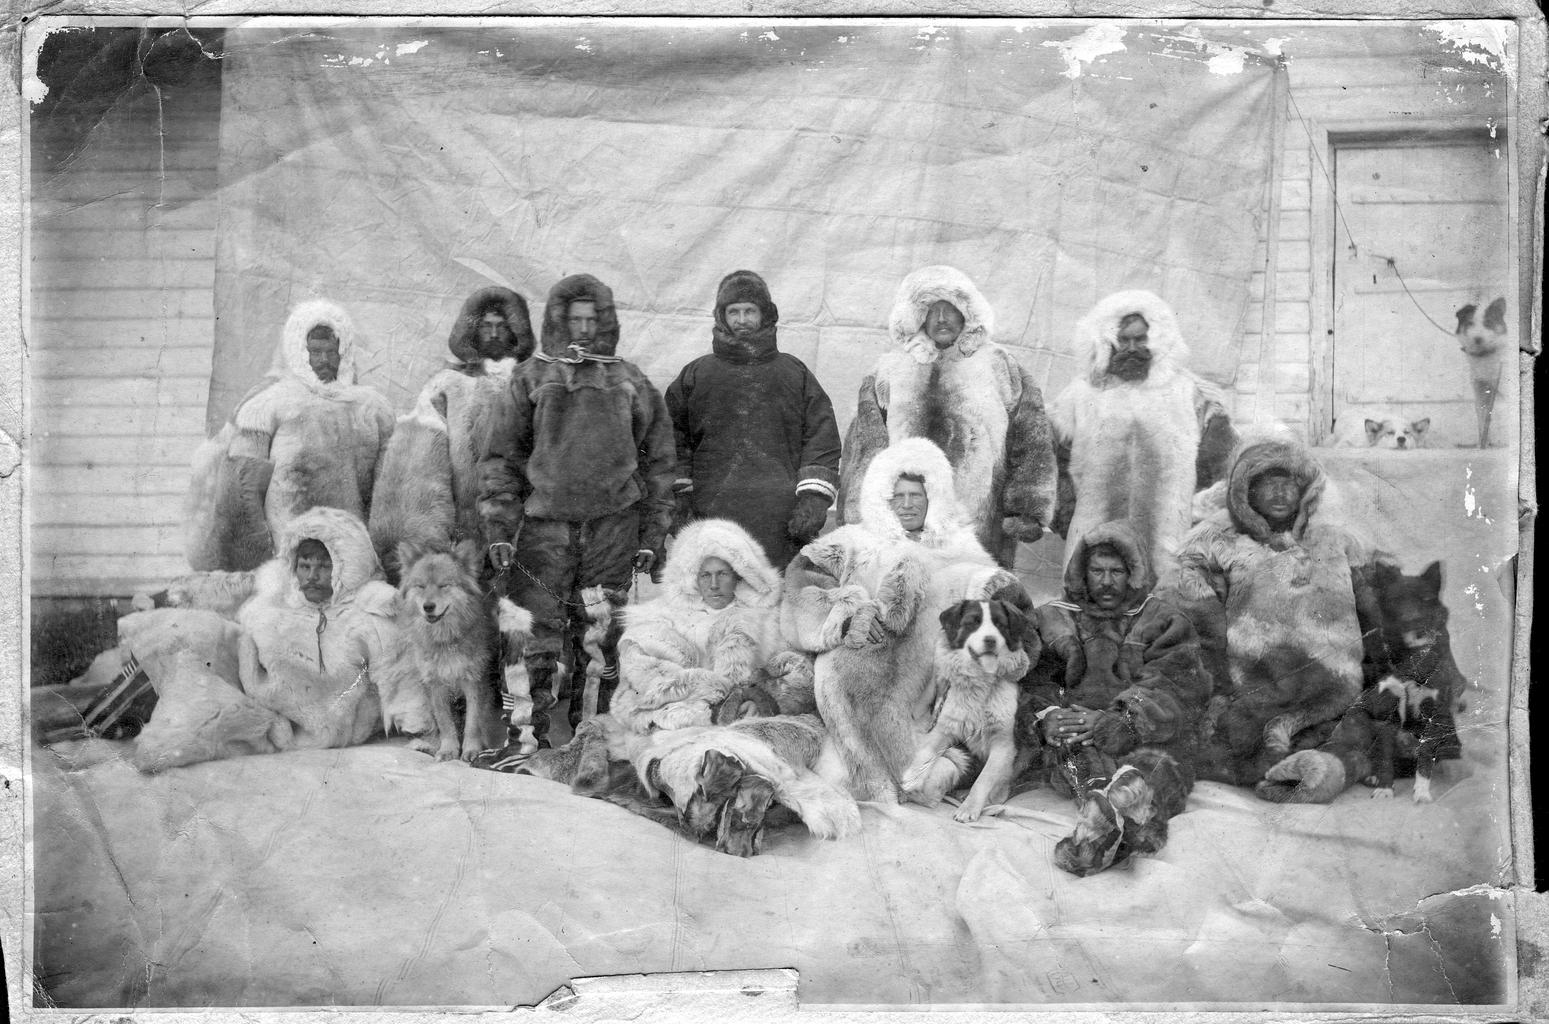 Участники экспедиции во время первой зимовки